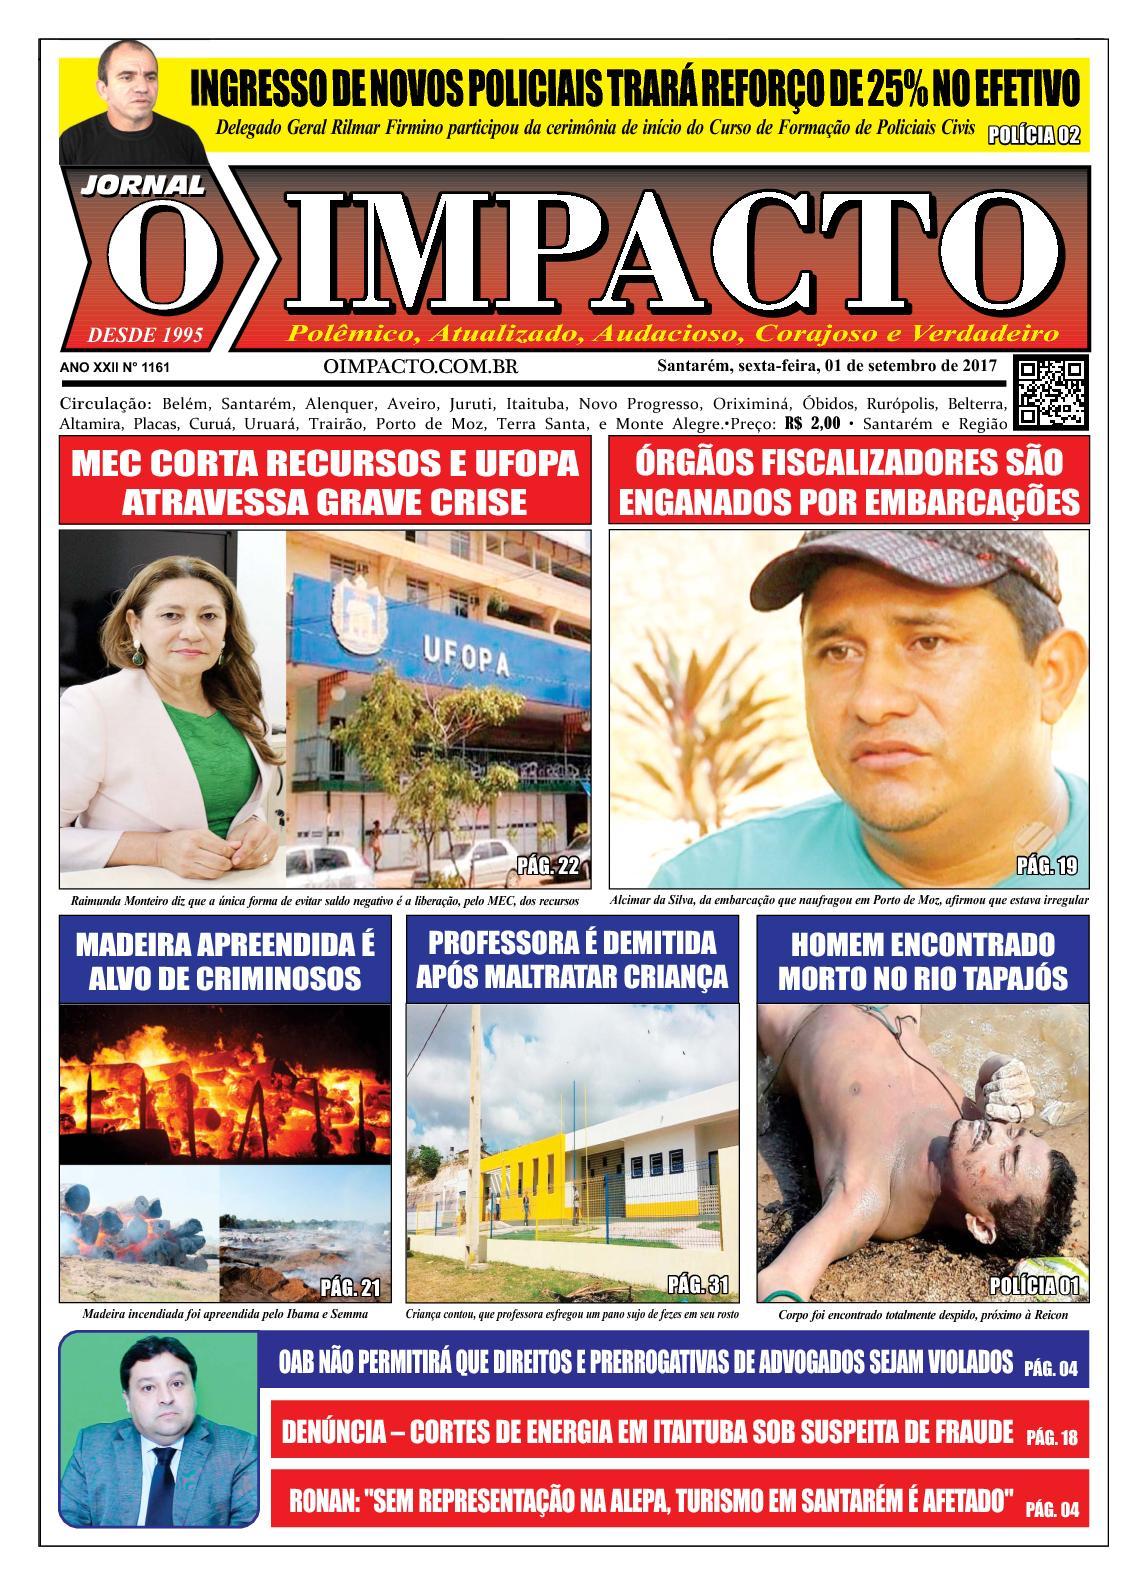 Jornal O Impacto Ed. 1161